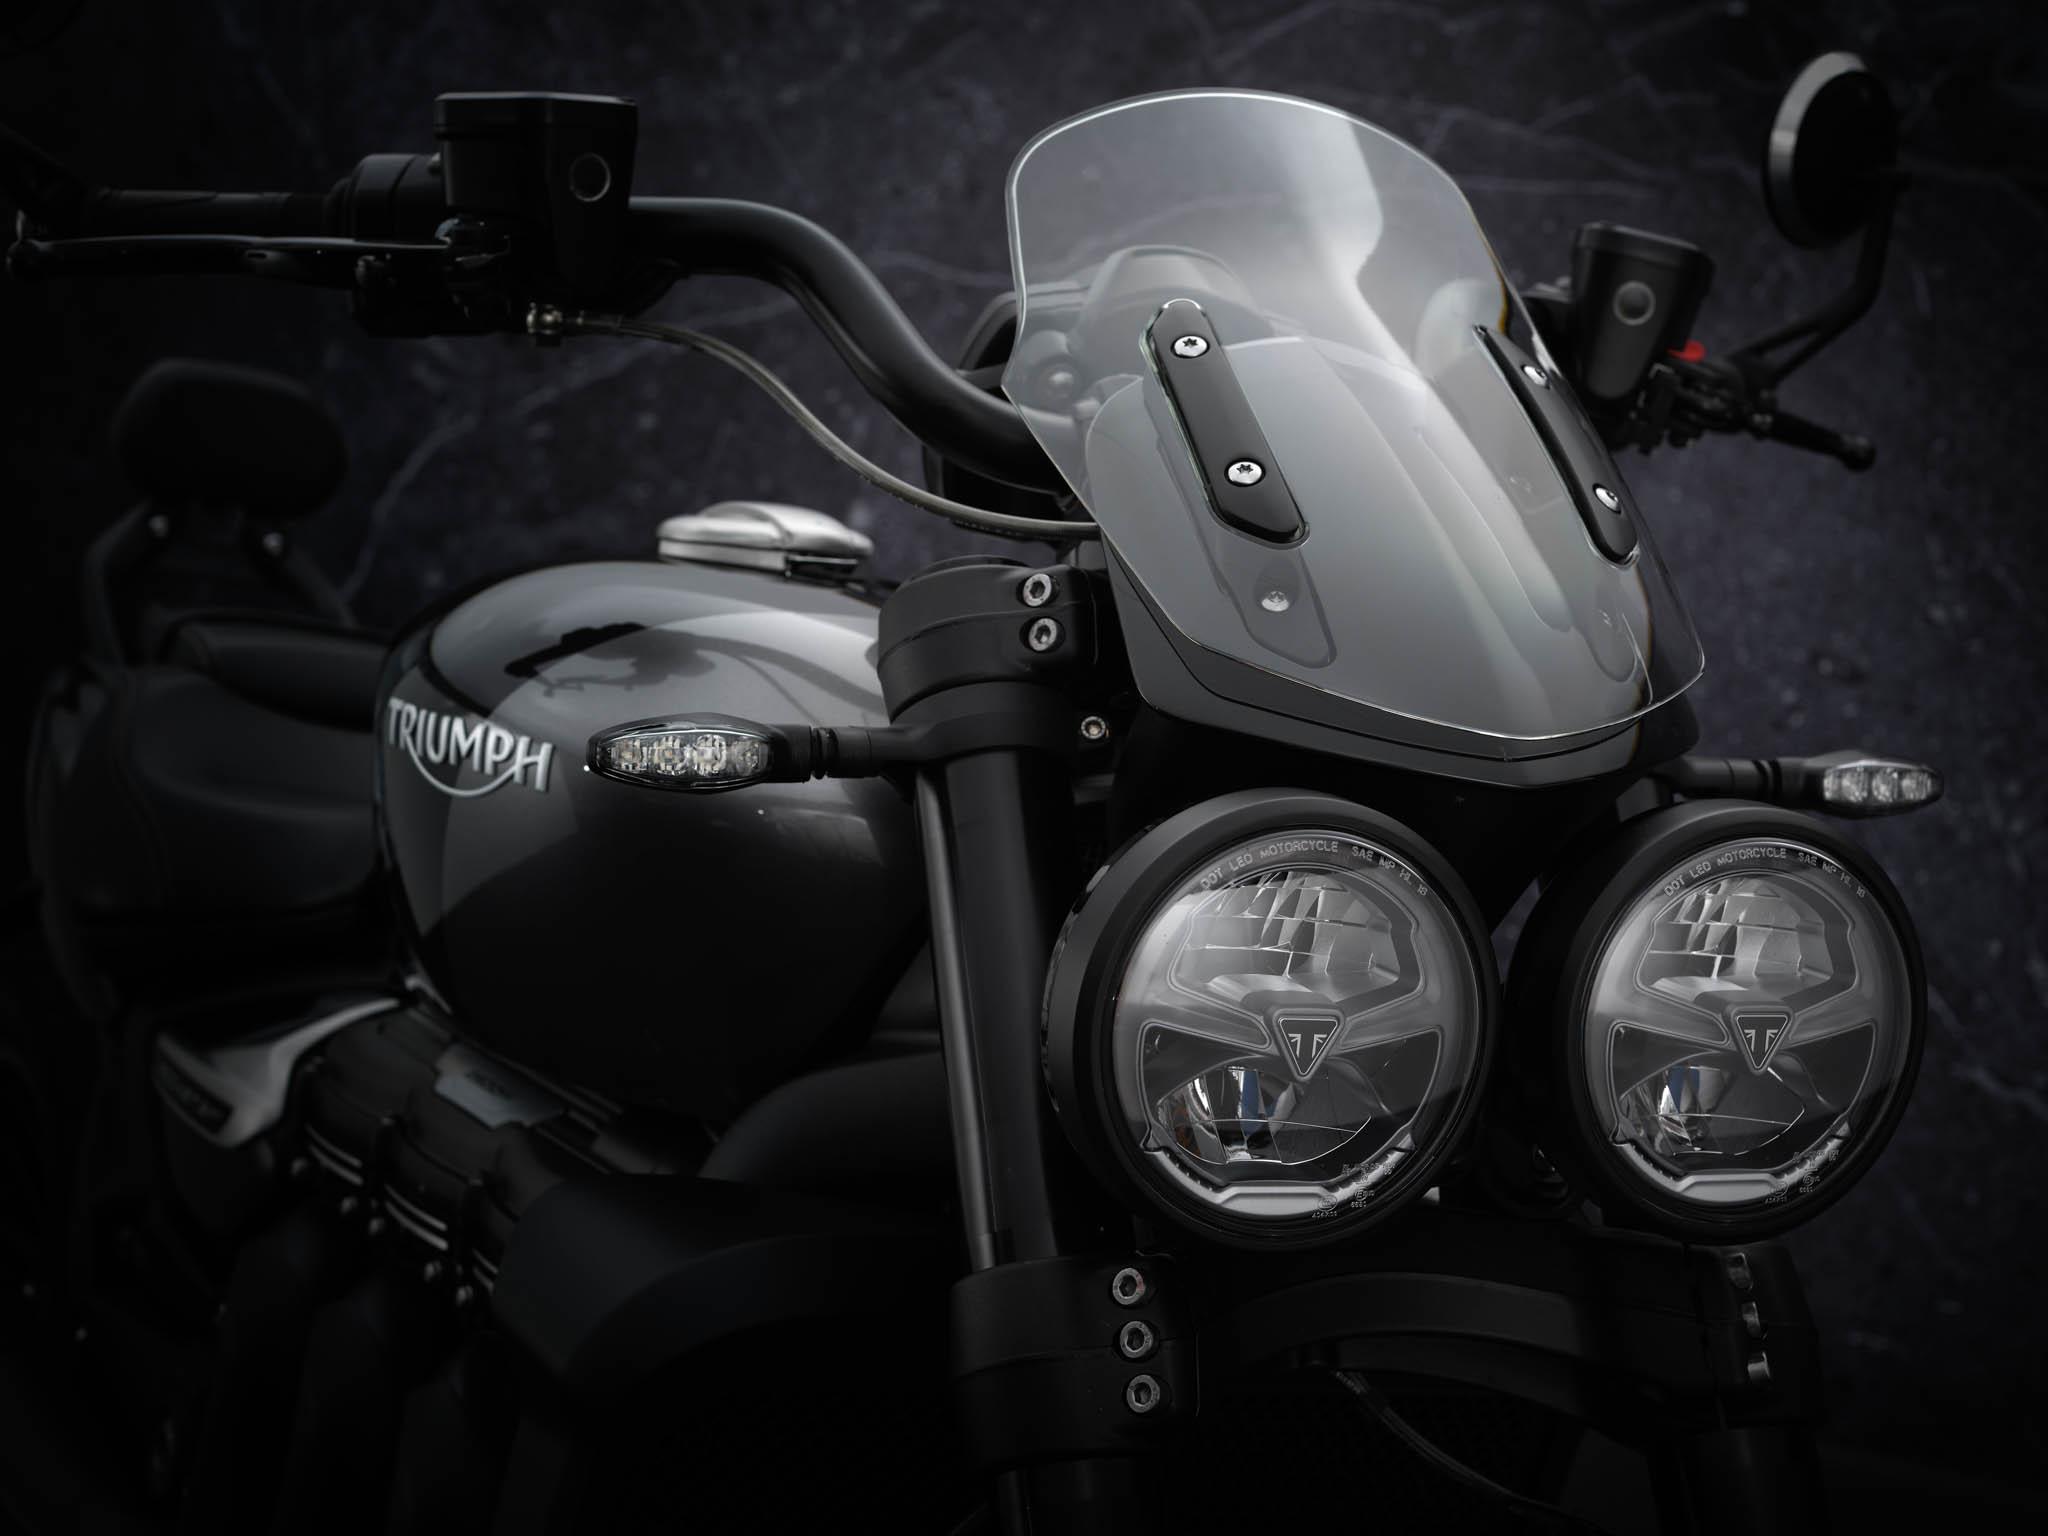 Triumph-Rocket-3-GT-Triple-Black-details-1